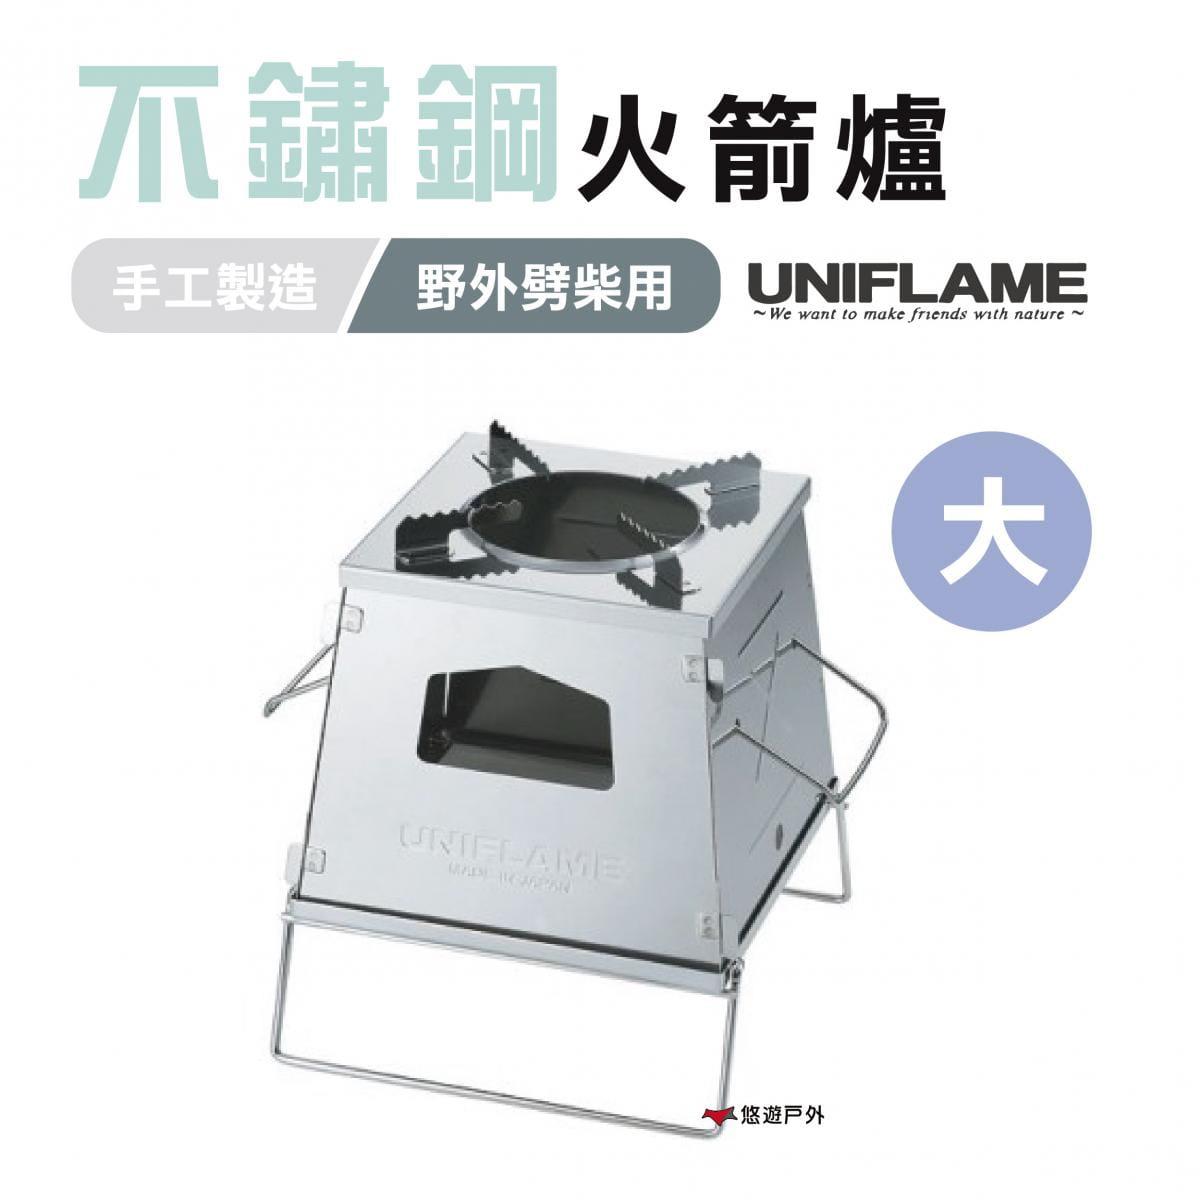 【日本 UNIFLAME】不鏽鋼火箭爐 U682982